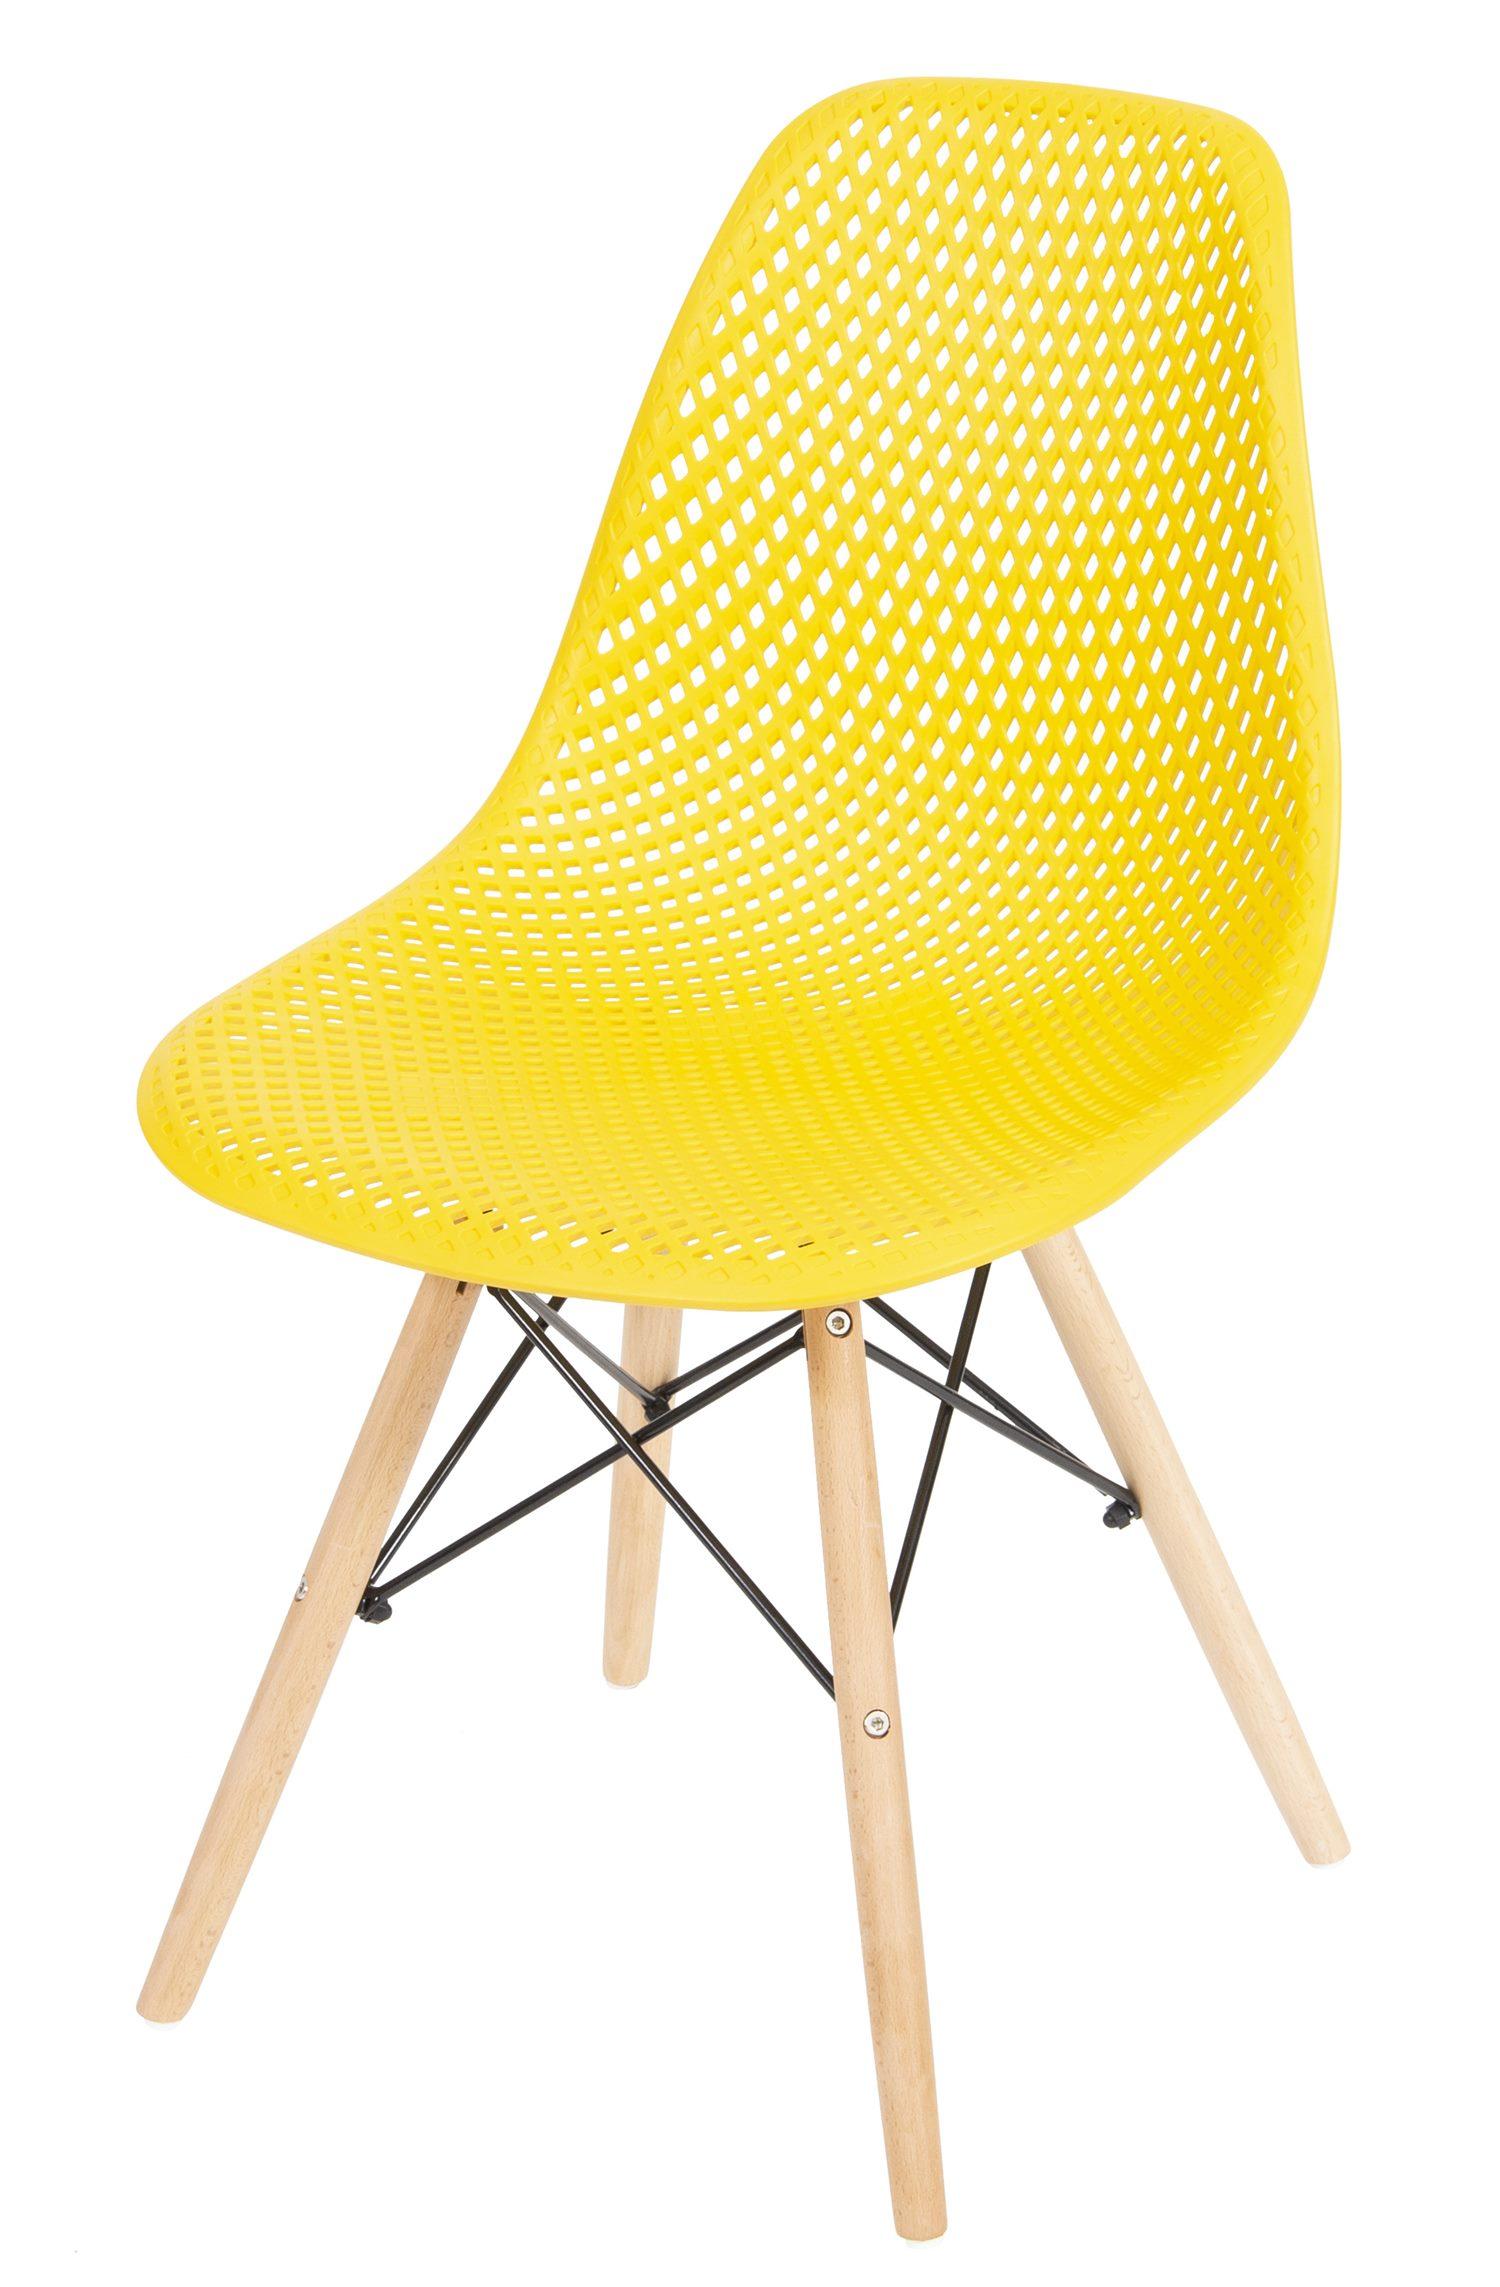 Cadeira Eames Furadinha cor Amarela com Base Madeira - 50008